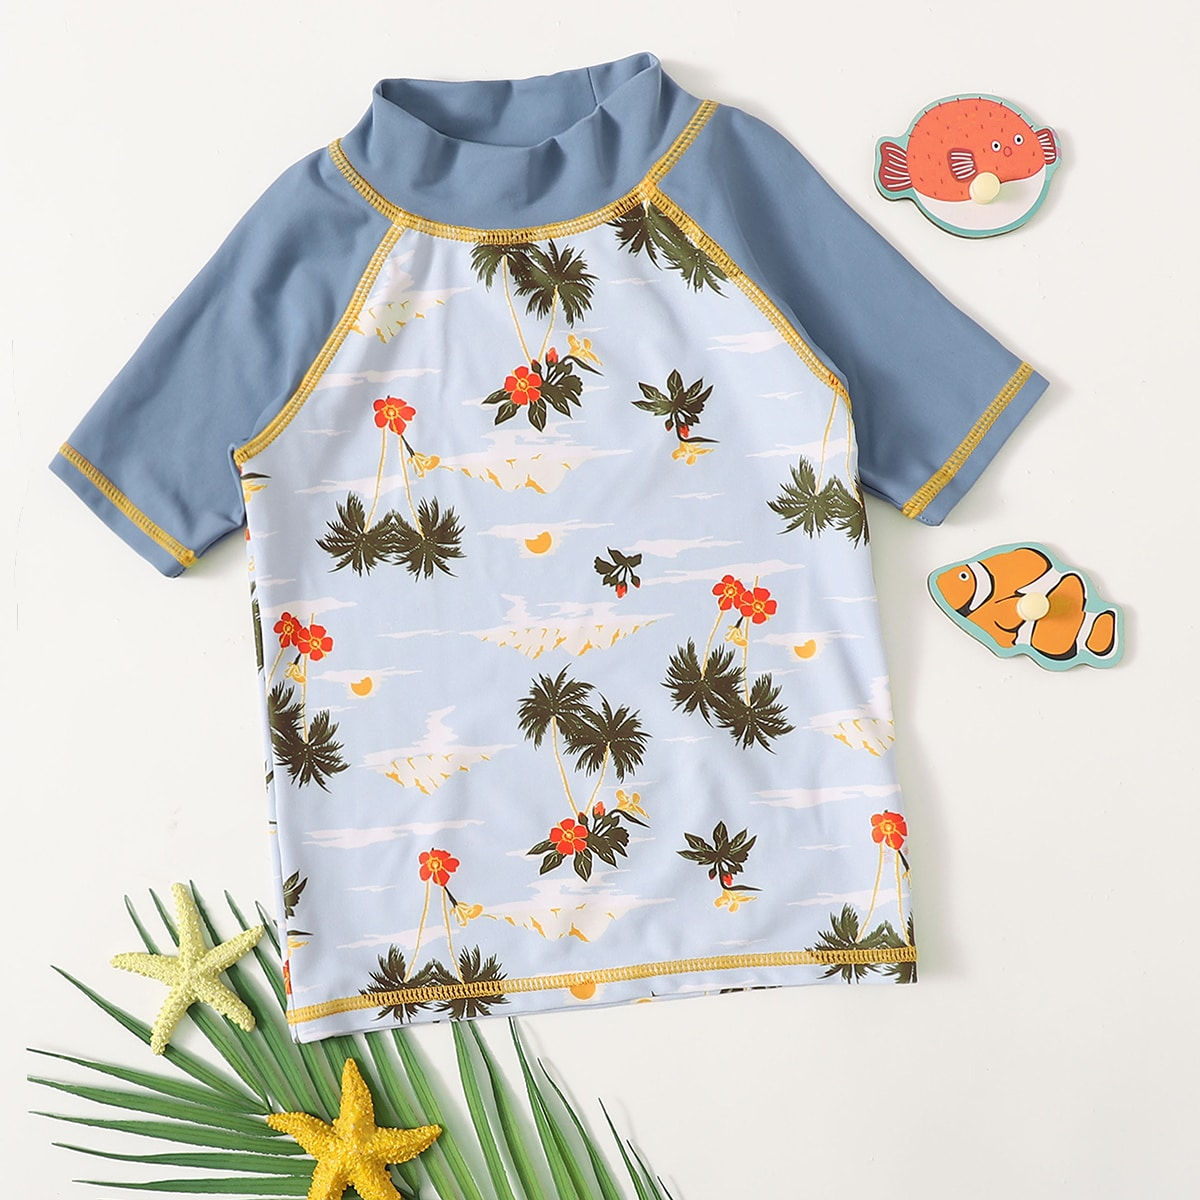 Тропический спортивный купальник для мальчиков